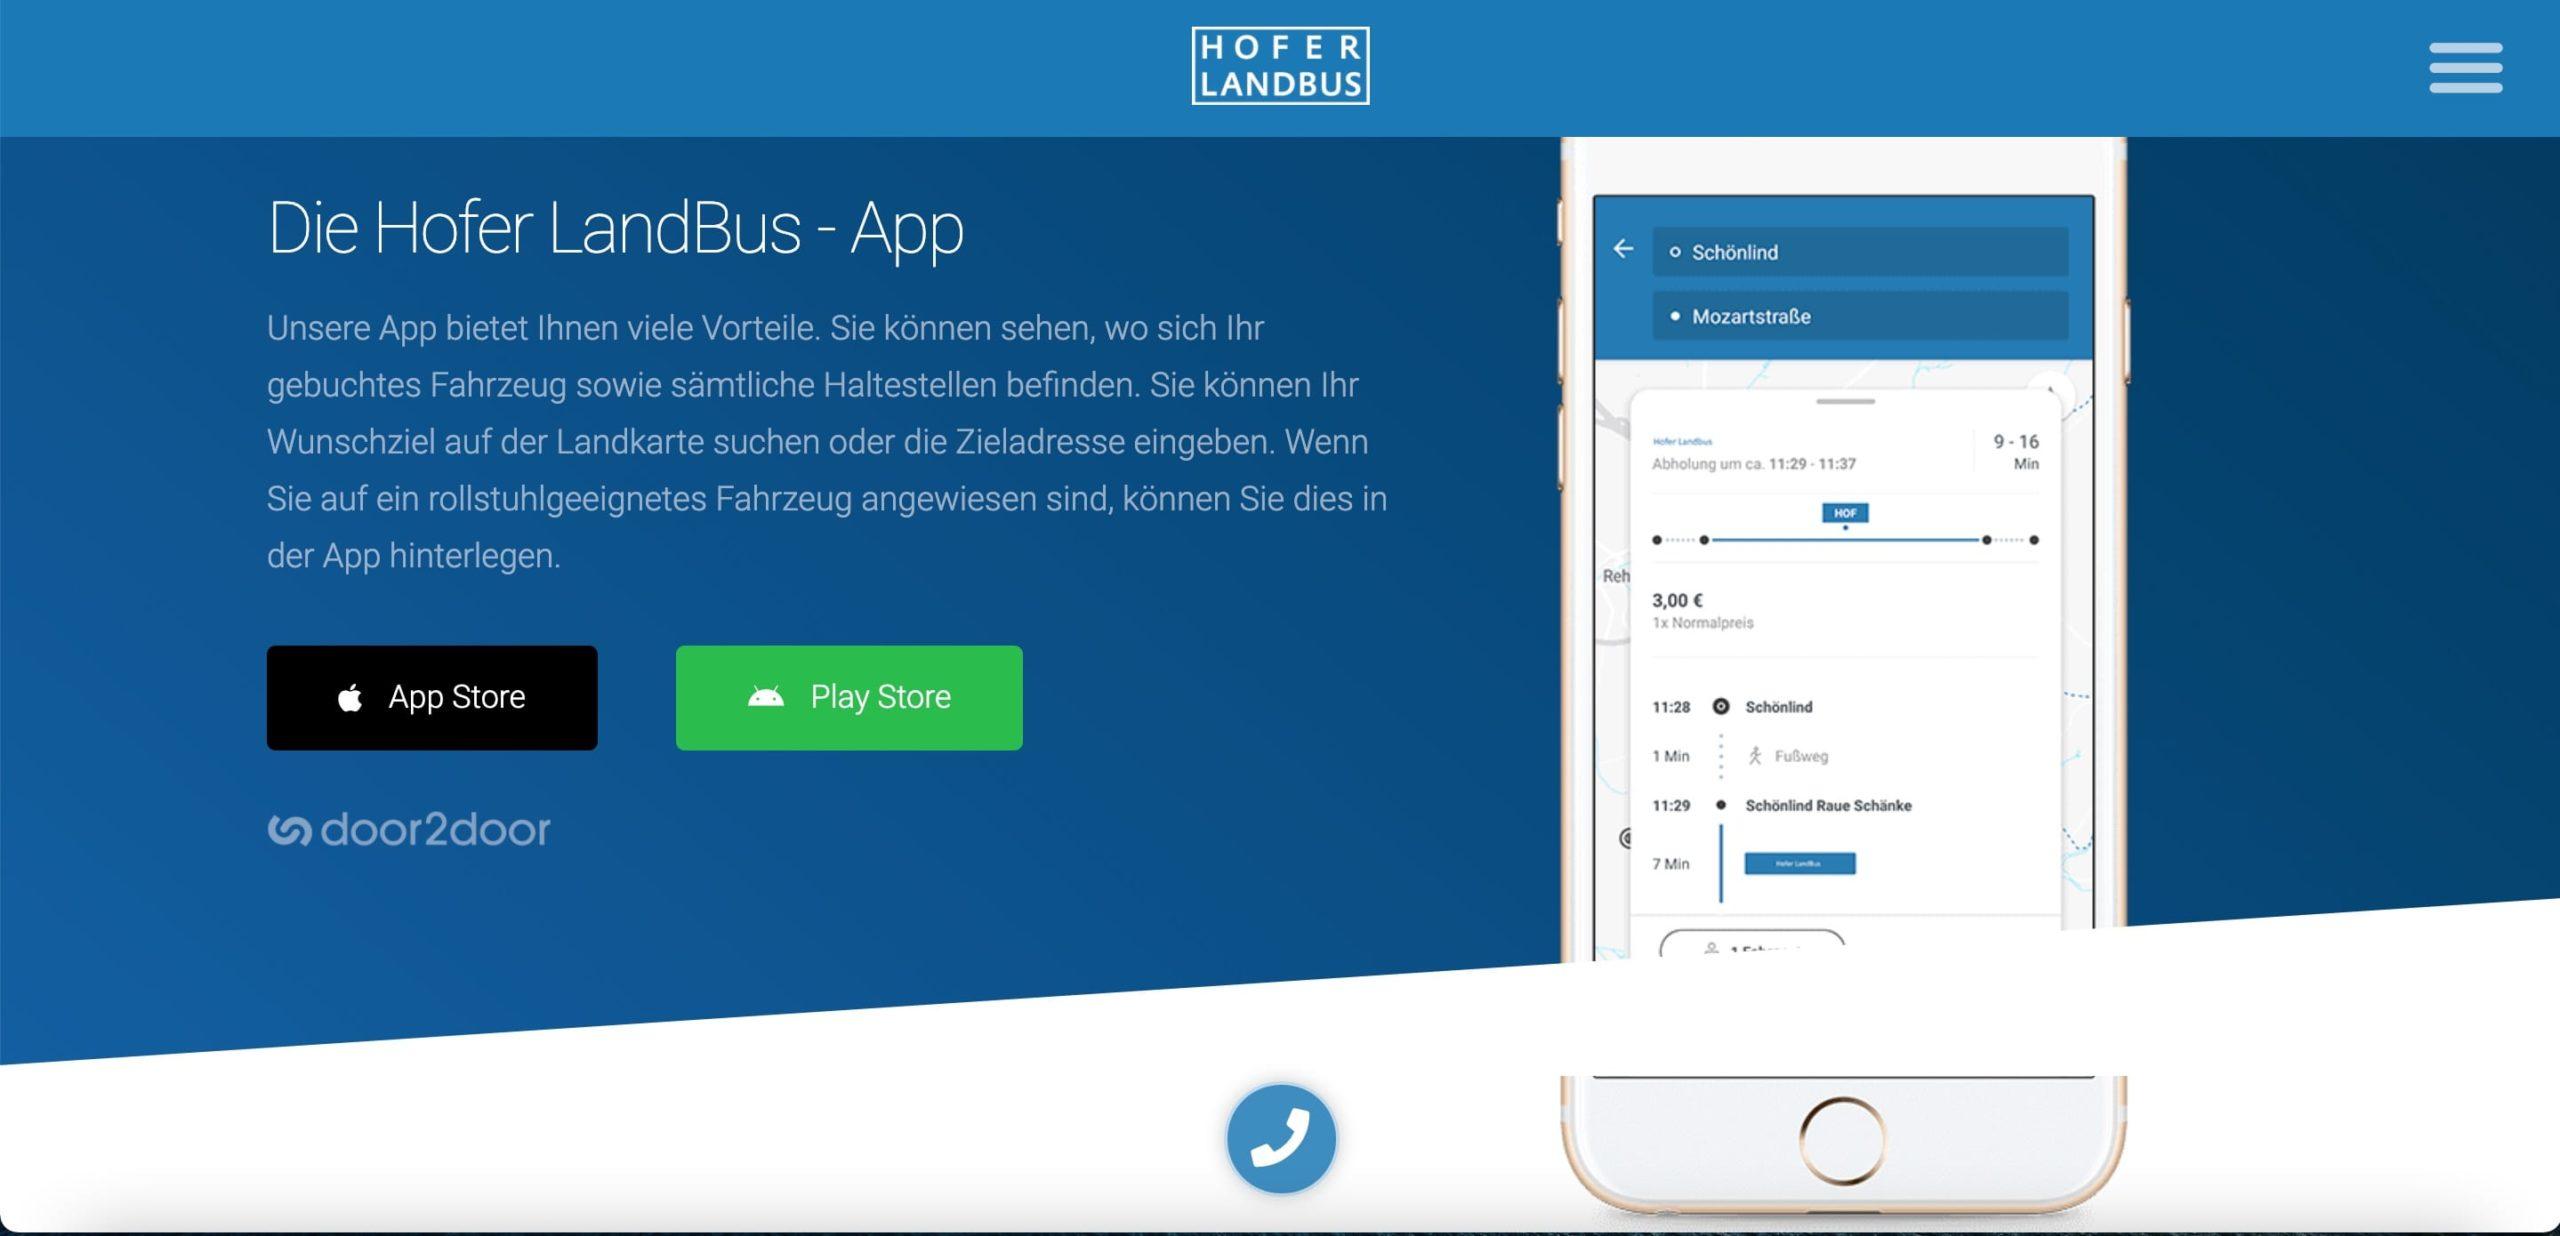 Screenshot-fünf-disruptive-innovationen-hofer-landbus